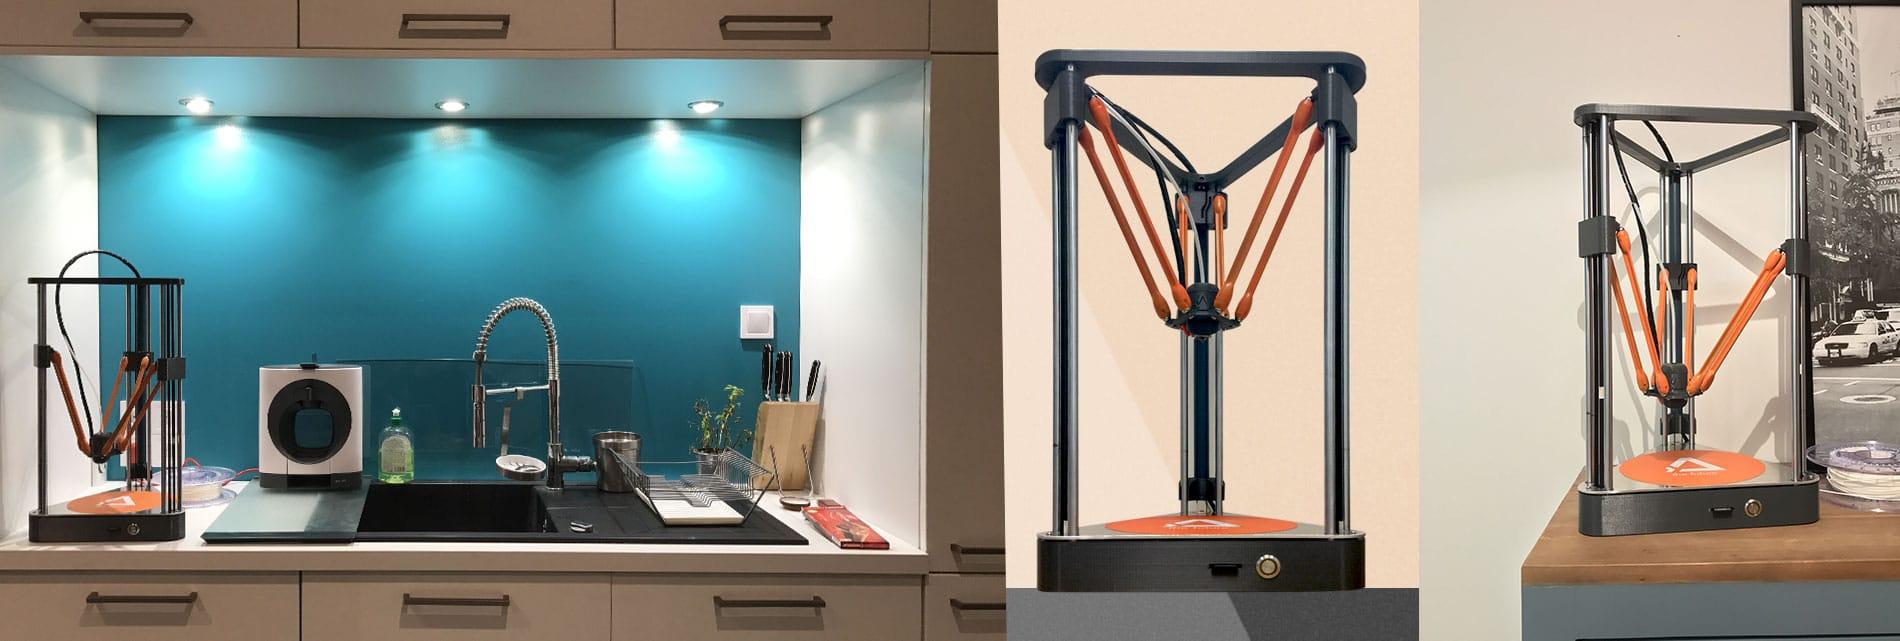 imprimante 3d pour d buter kits imprimantes 3d. Black Bedroom Furniture Sets. Home Design Ideas